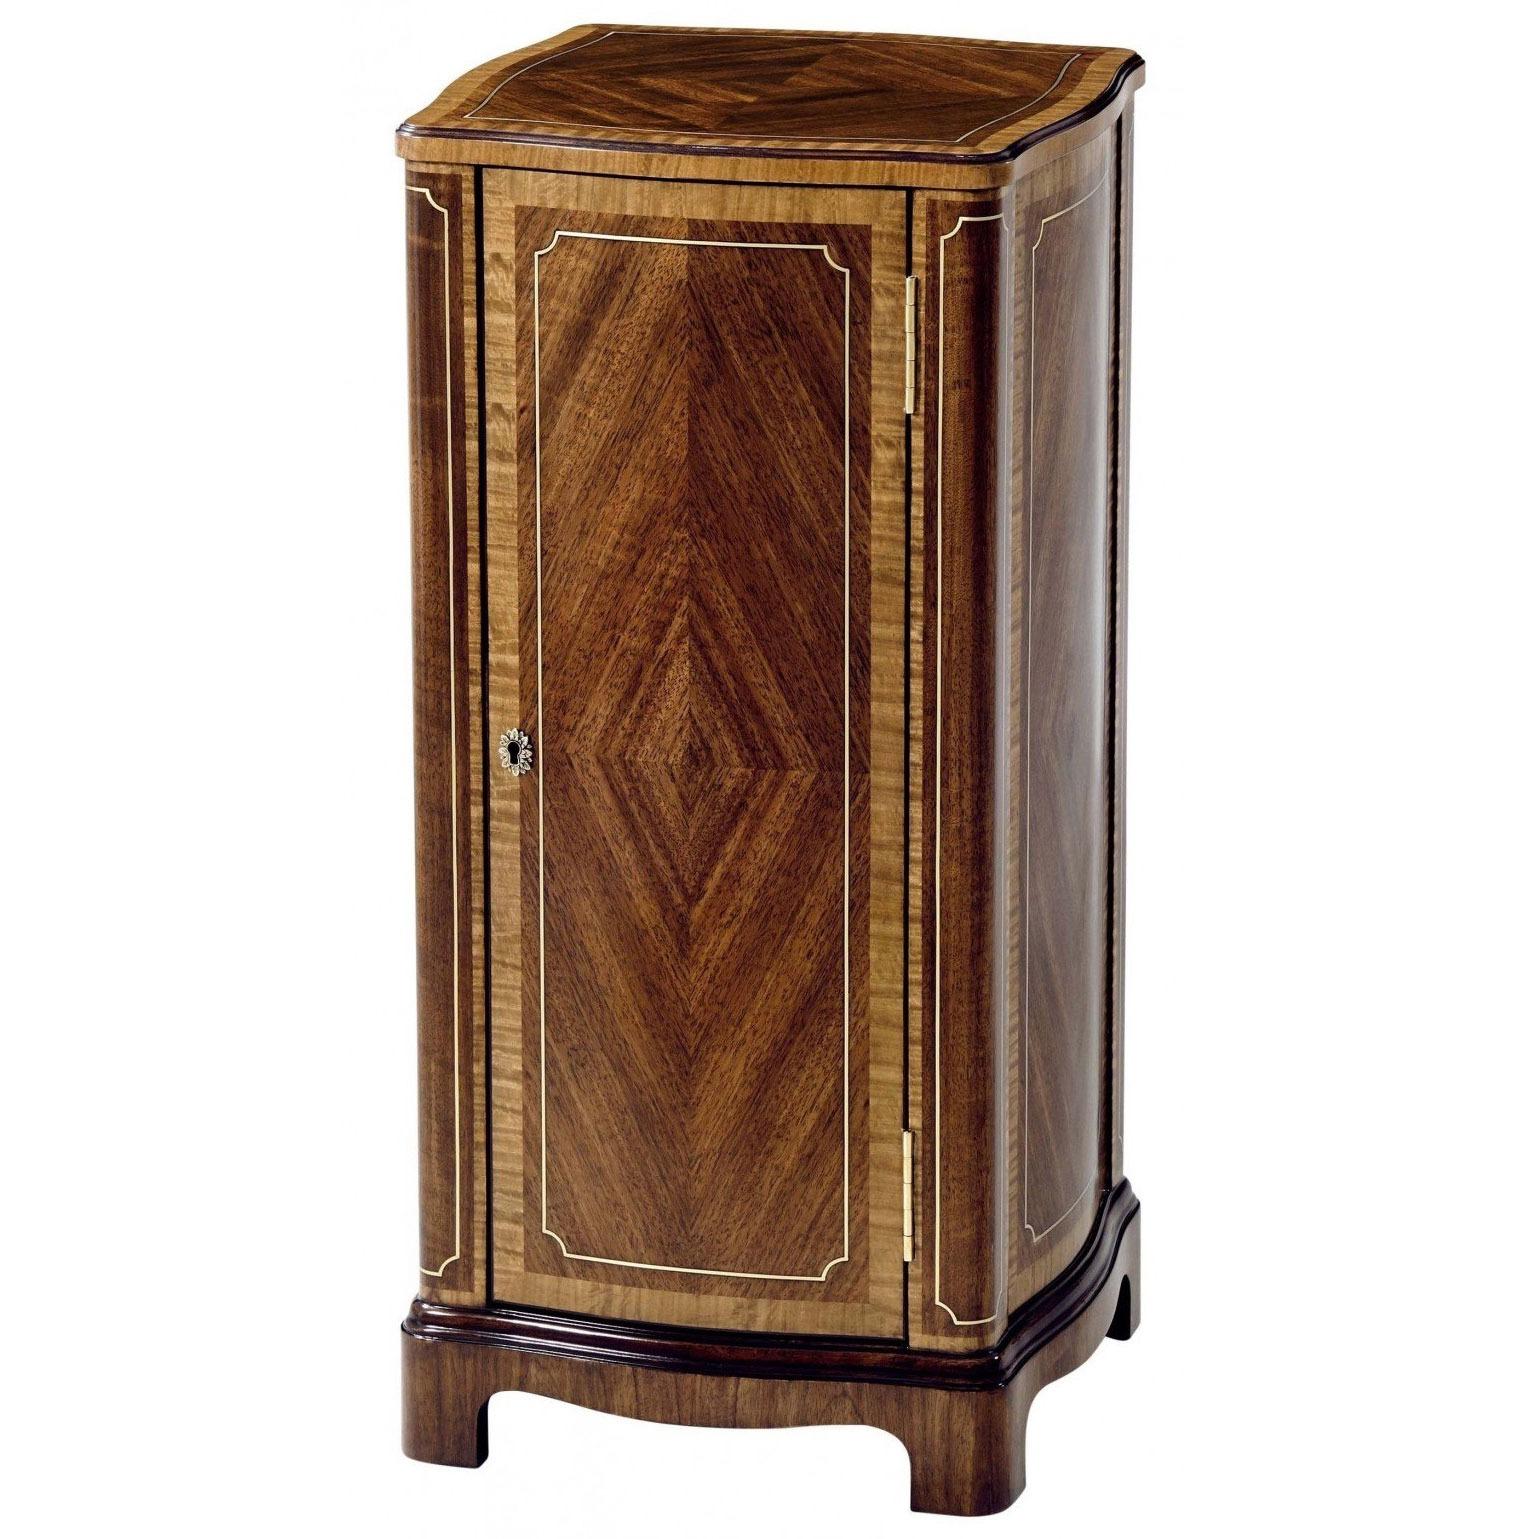 Torchere pedestal cabinet